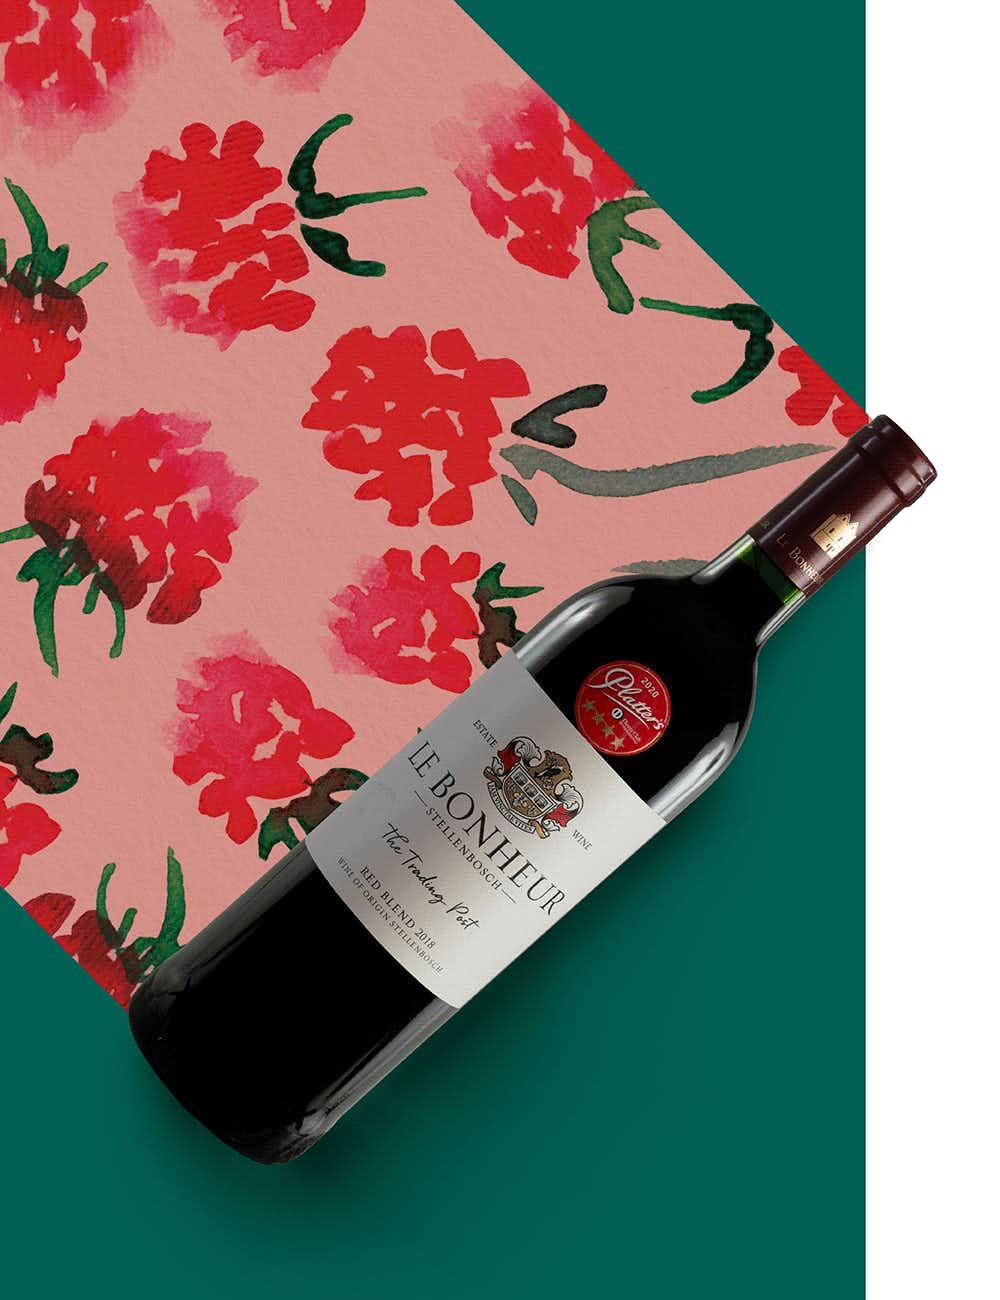 Le Bonheur The Trading Post Bordeaux Blend 2018